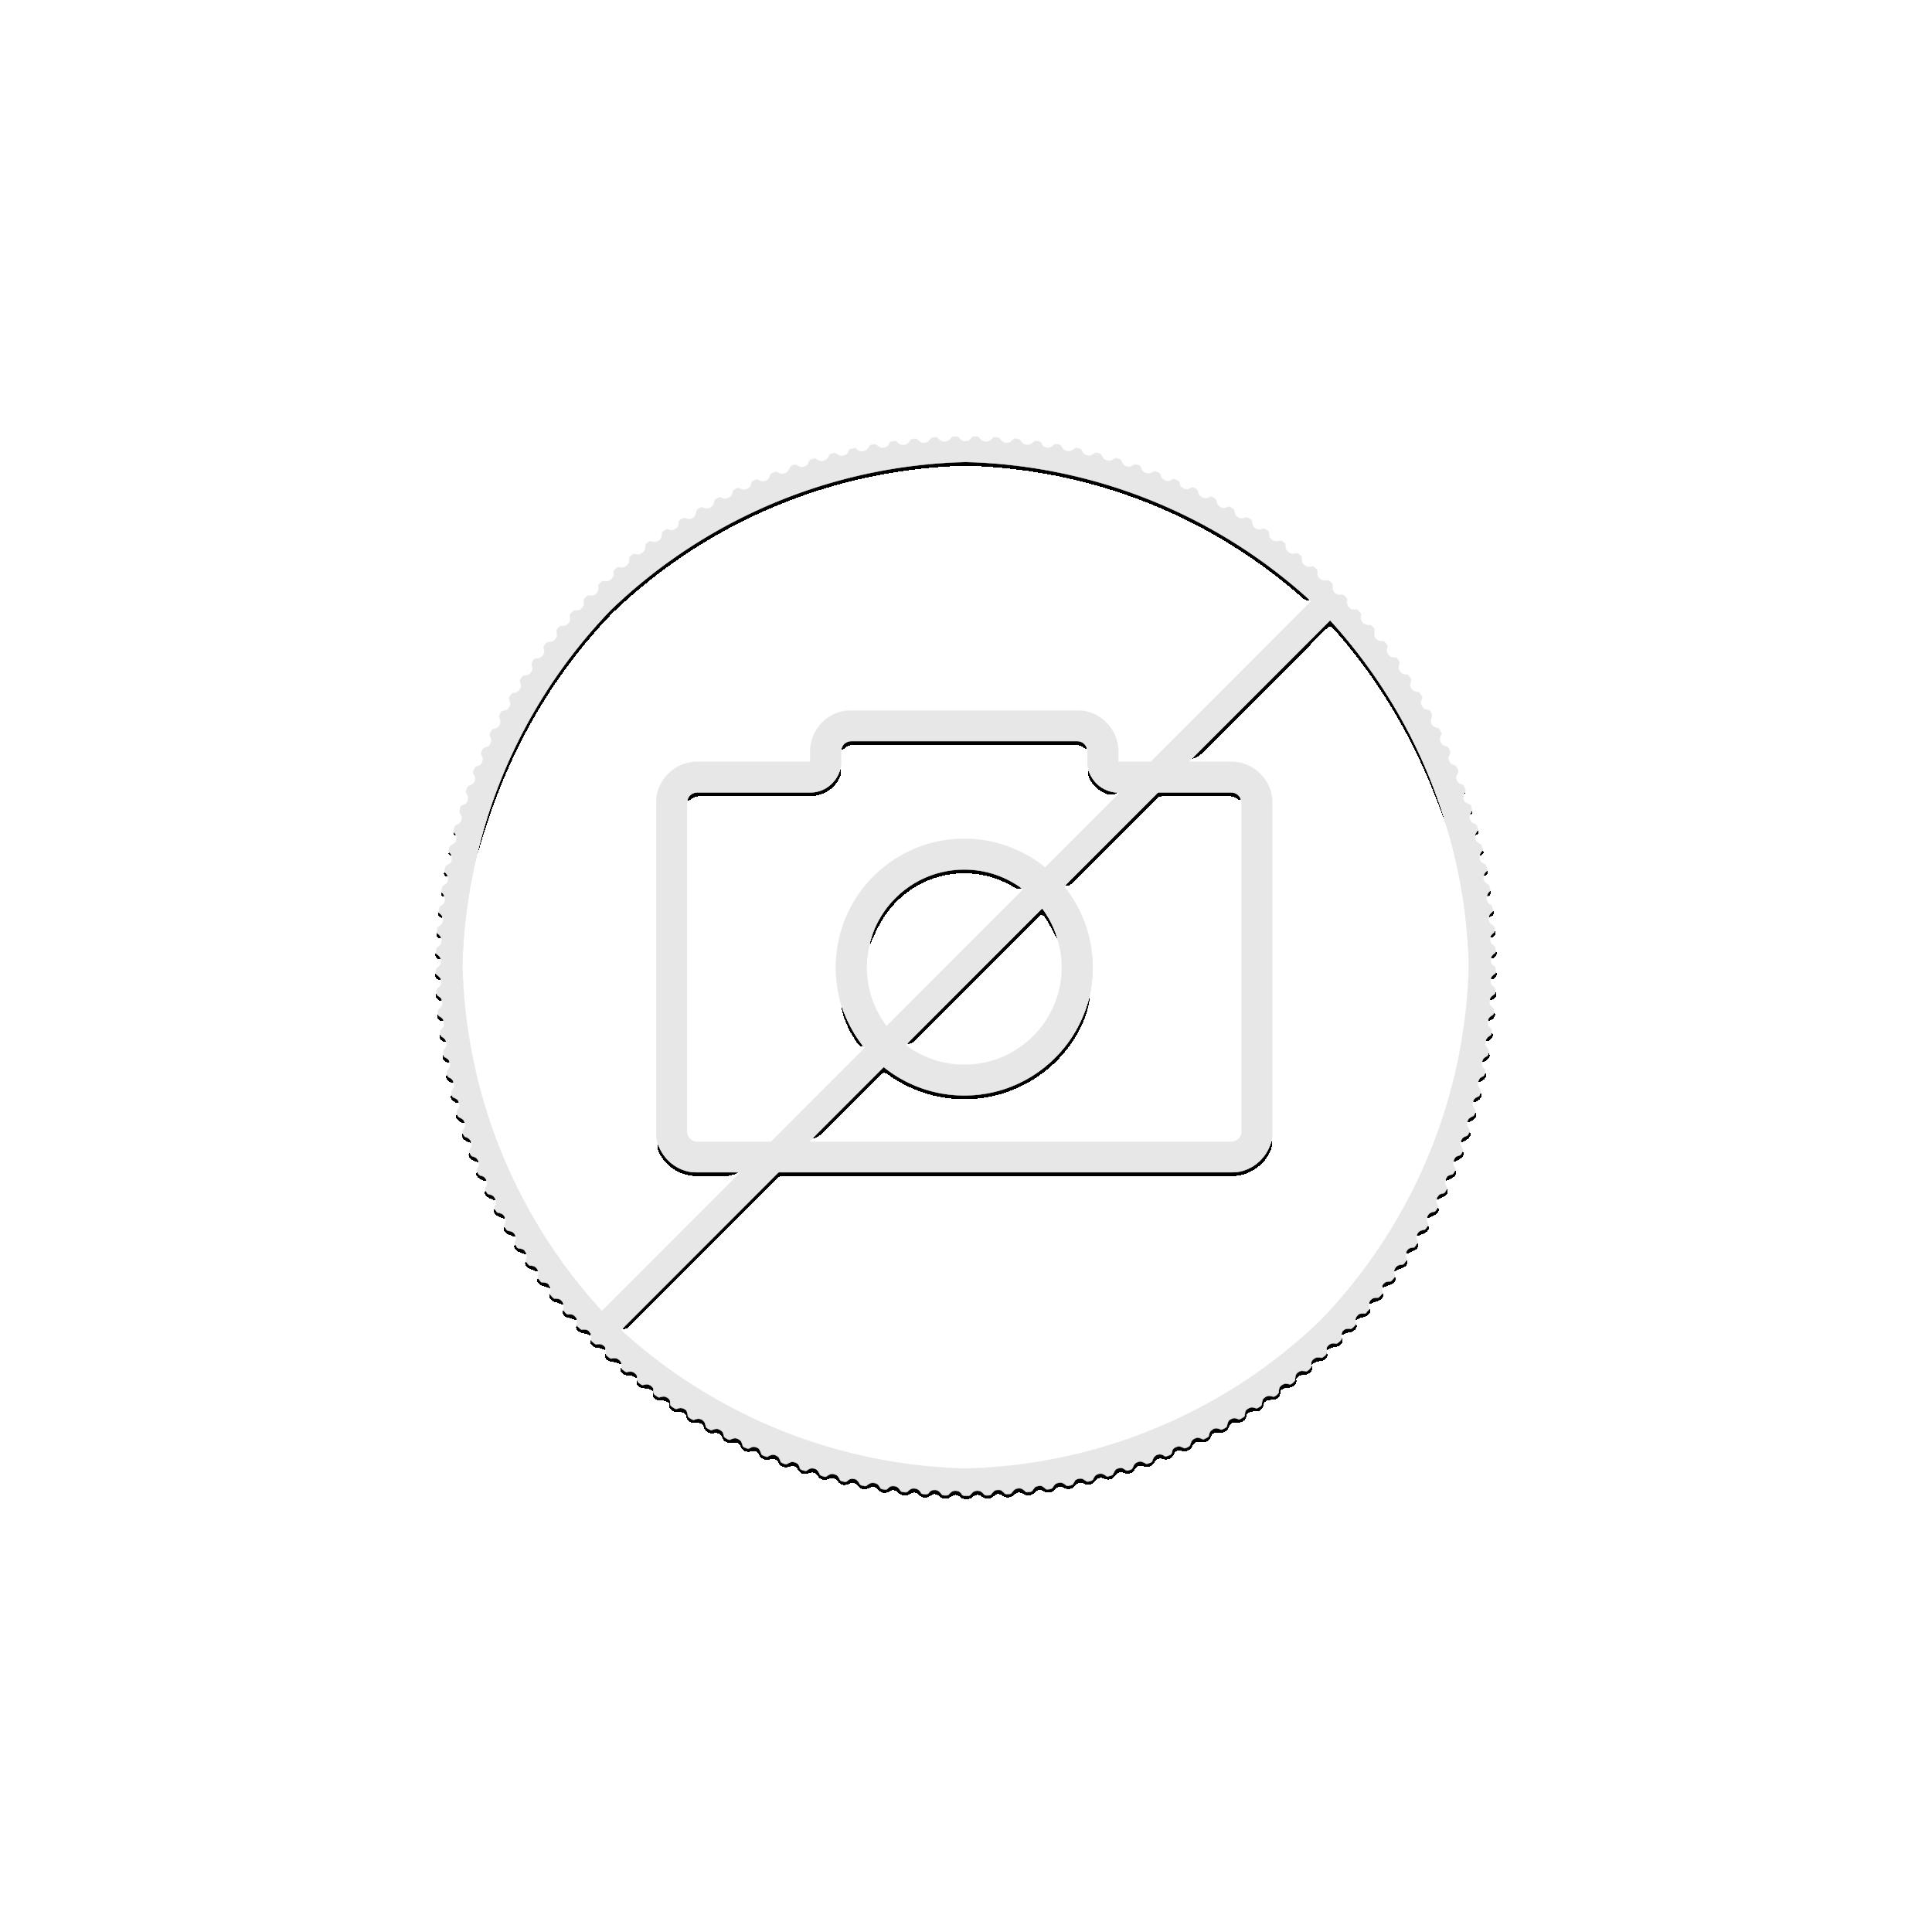 1 Troy ounce Platinum Maple Leaf coin 2019